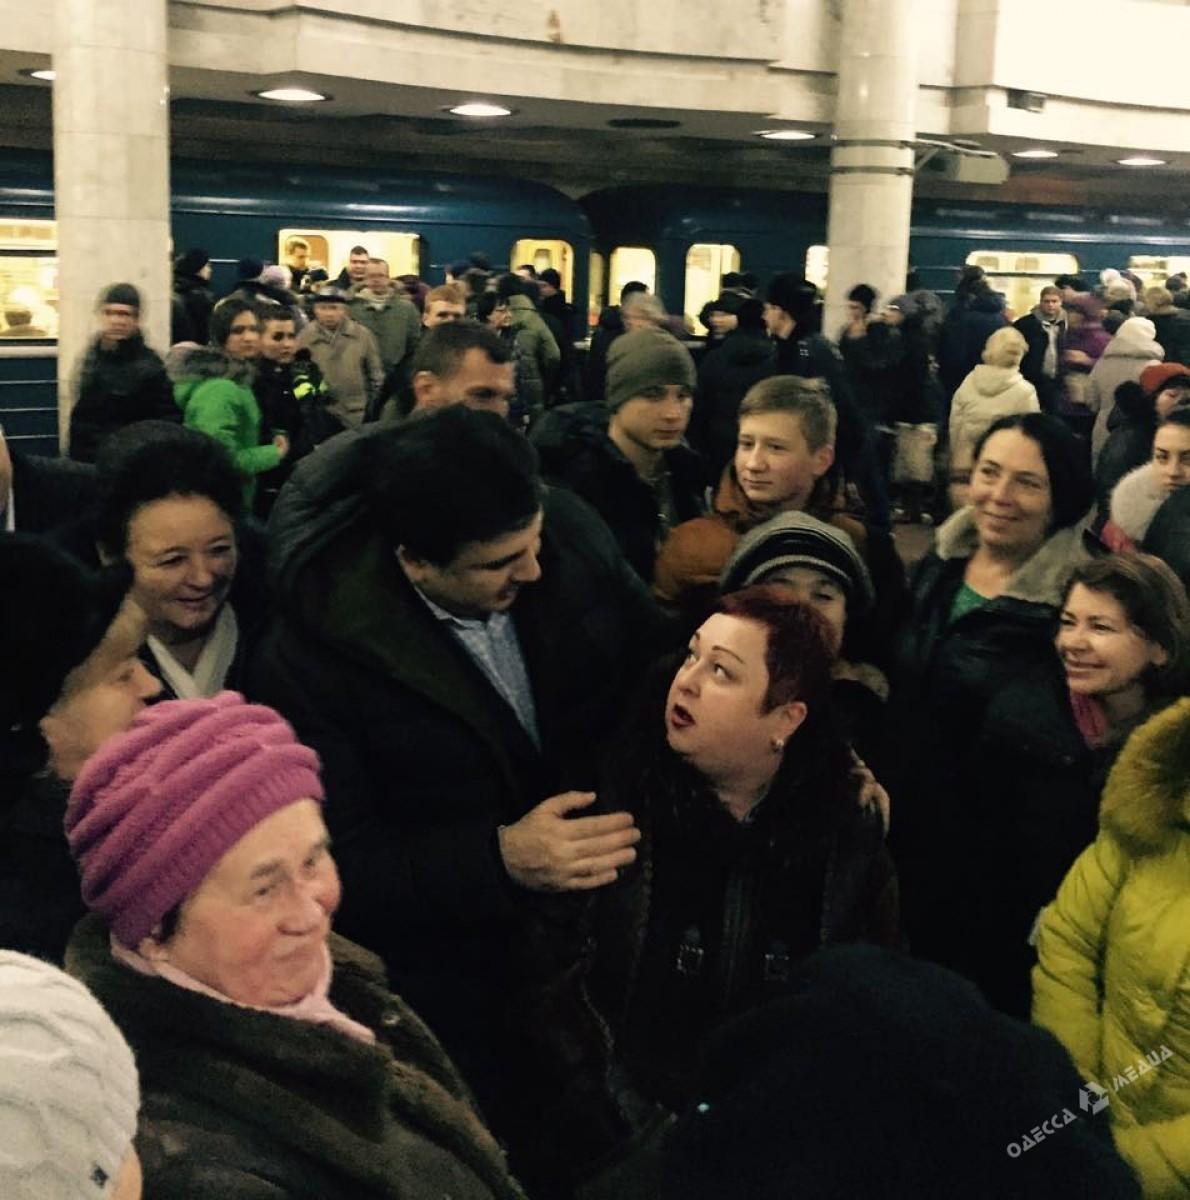 Пристают в метро 6 фотография